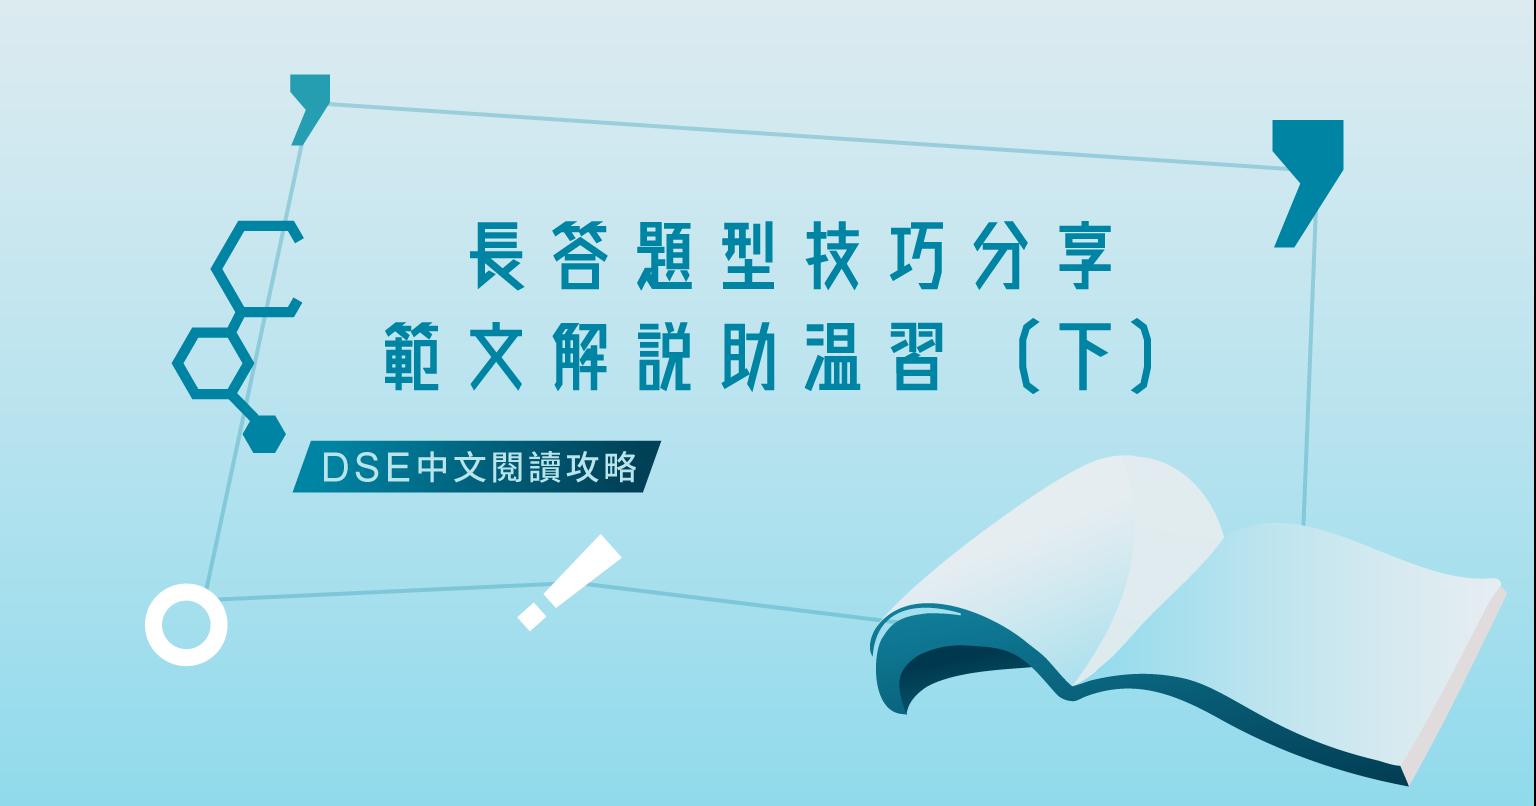 DSE中文卷一|閱讀卷最常見長答題型技巧分享,範文解說助溫習!(下)